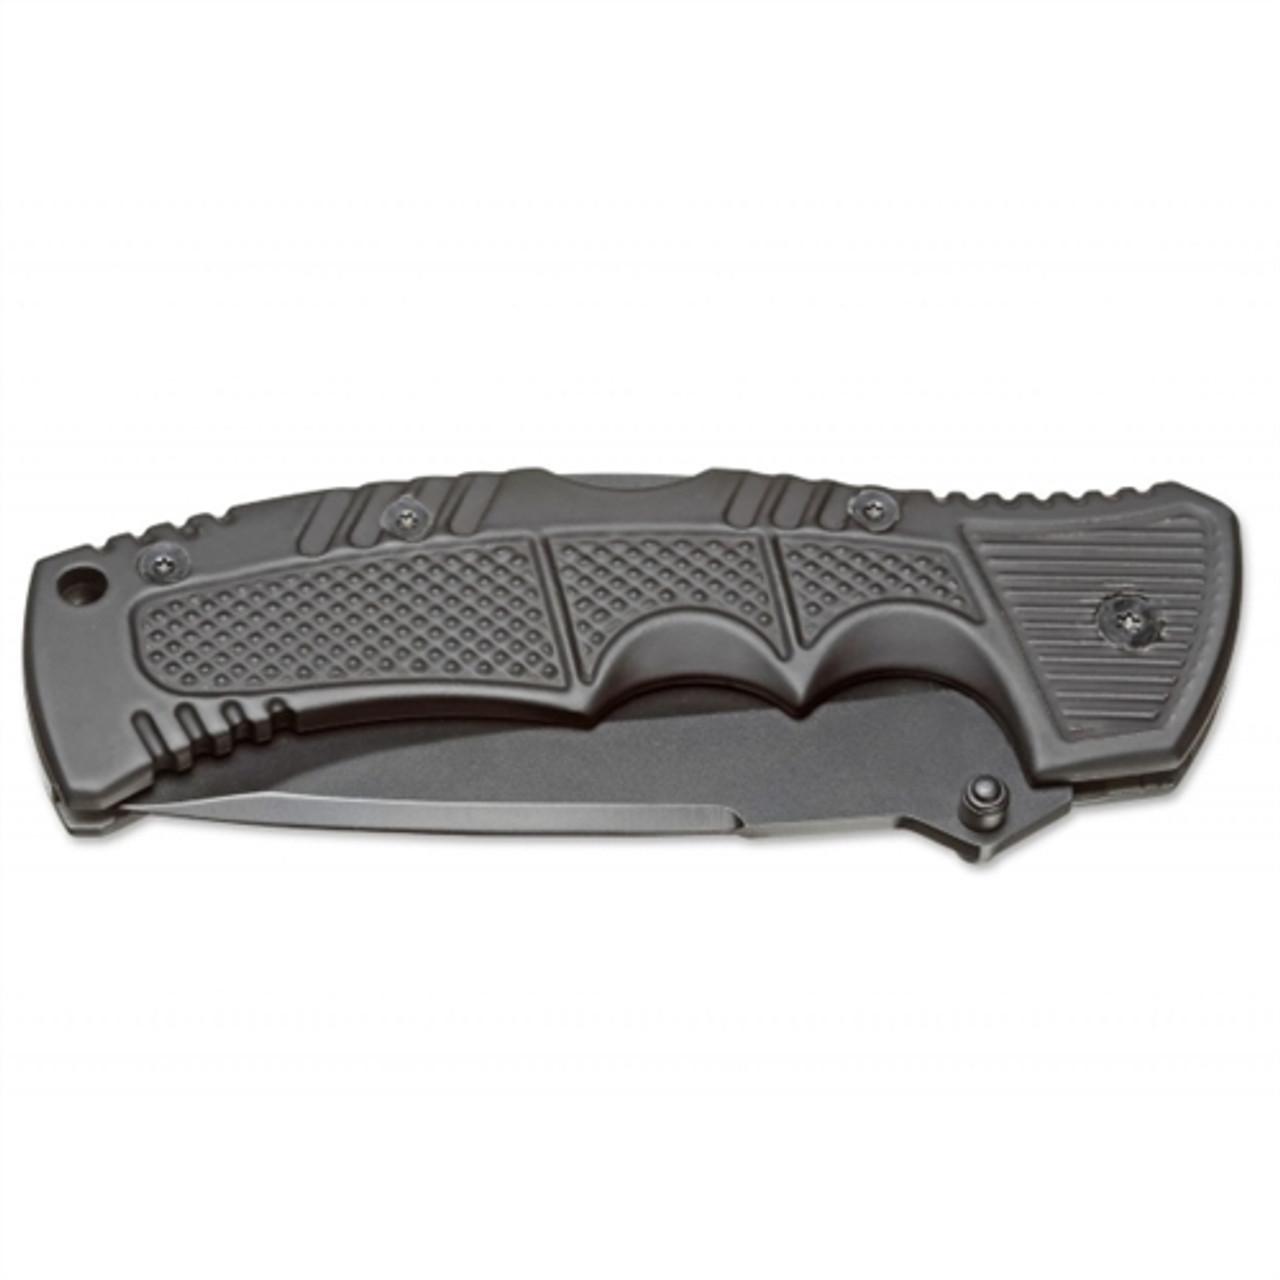 Boker Magnum 01MB712 Charlie Folder Knife, Black Combo Blade